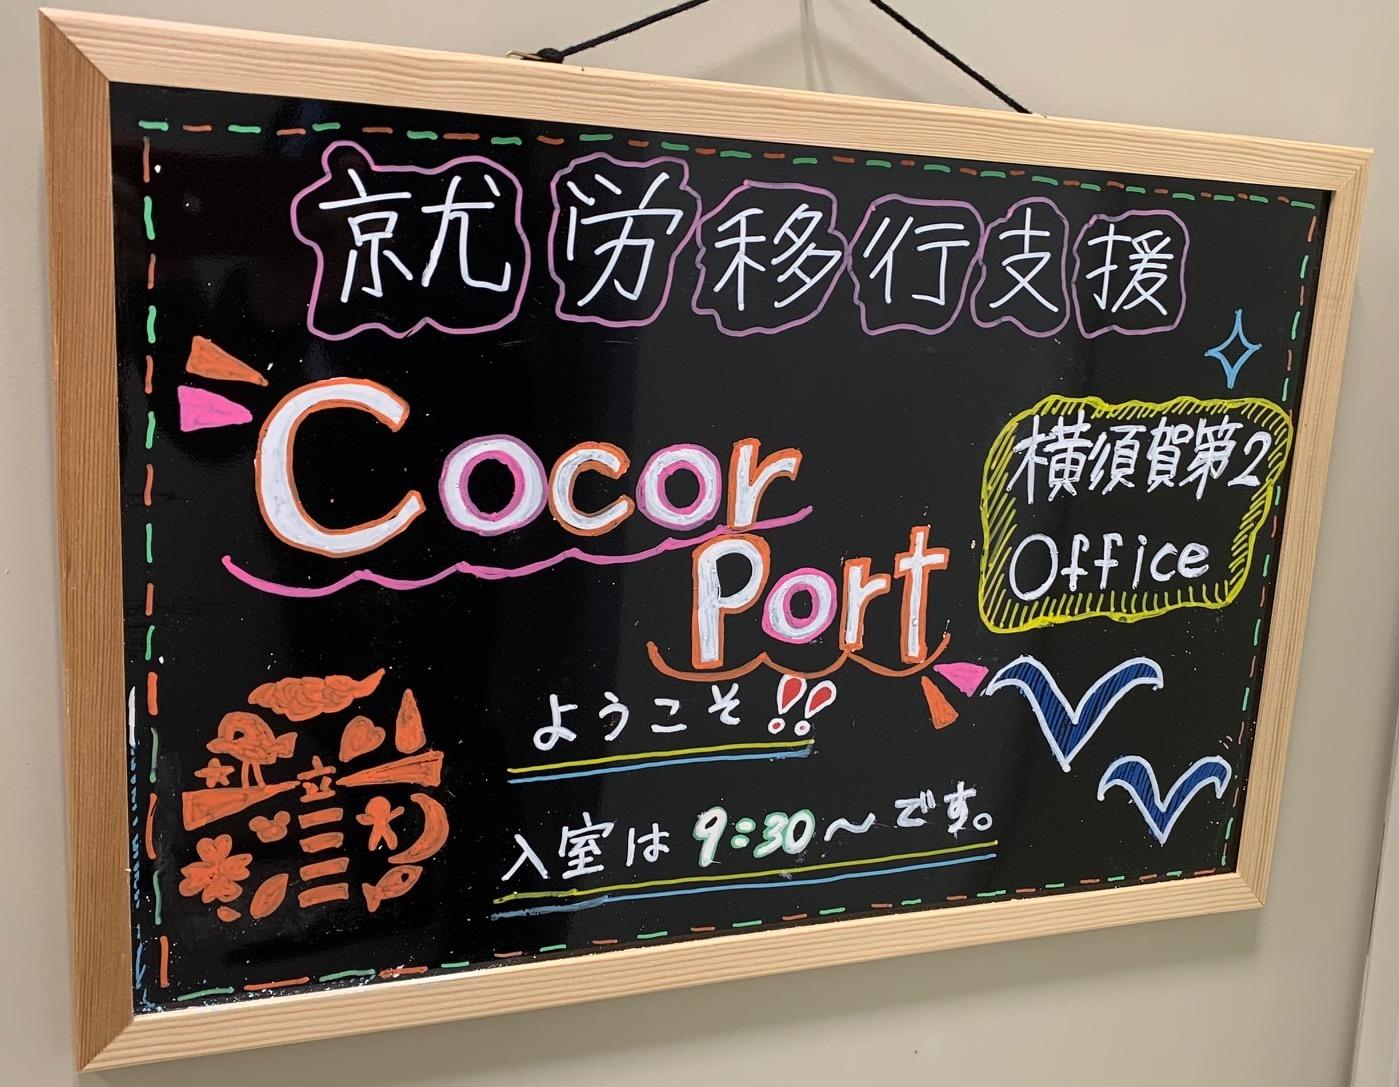 ココルポート横須賀の看板